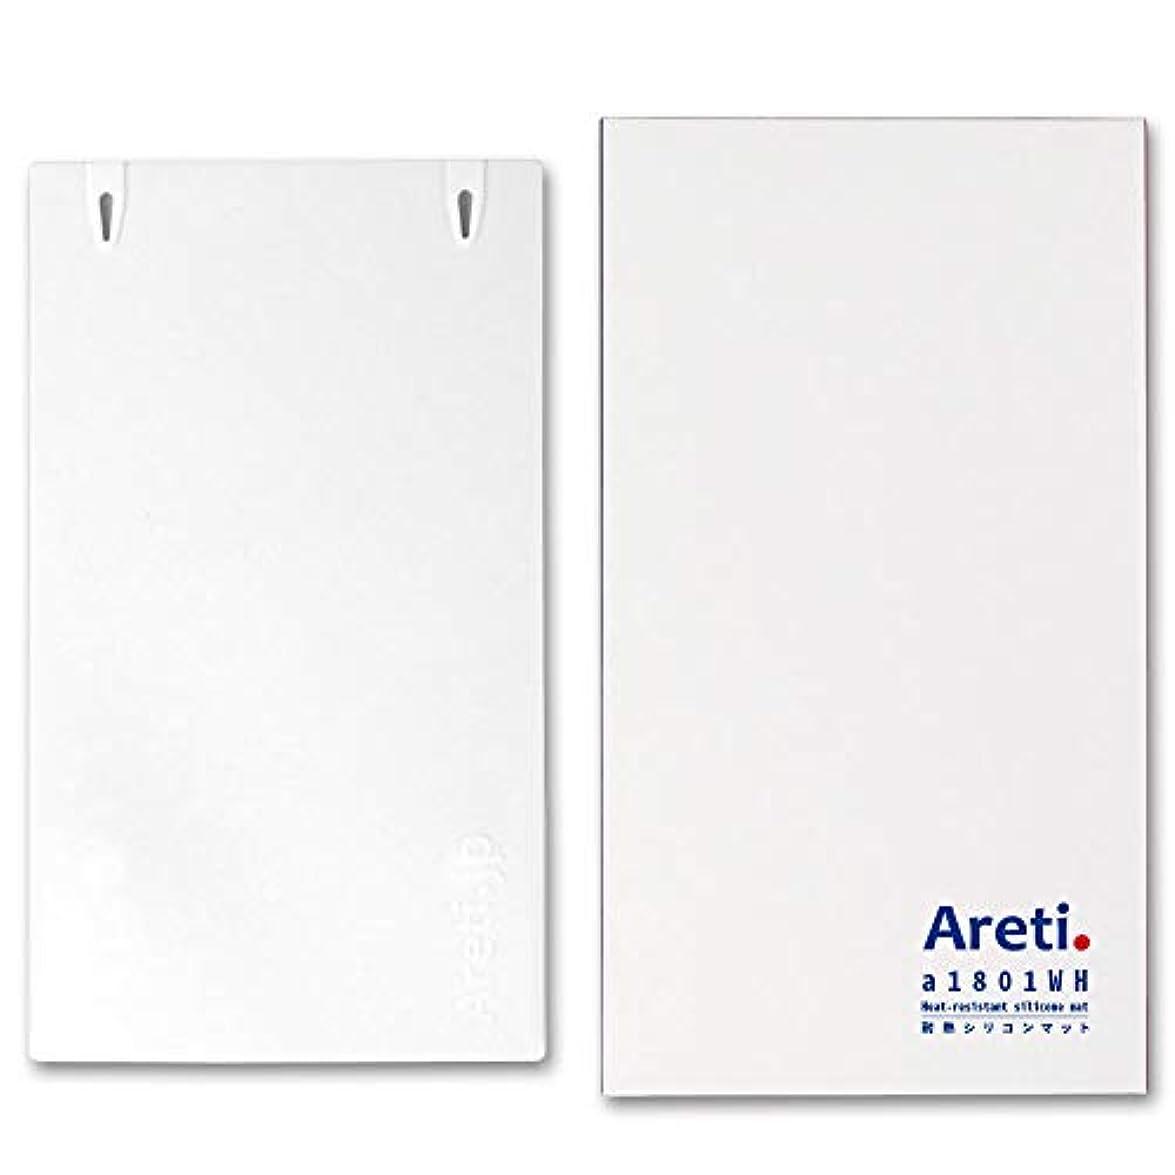 パトロン印象的な概念Areti【日本 本社 正規品】ヘアアイロン用 耐熱マット アイロン置き シリコン コード収納 旅行 出張 携帯 持ち運びに便利 a1801WH